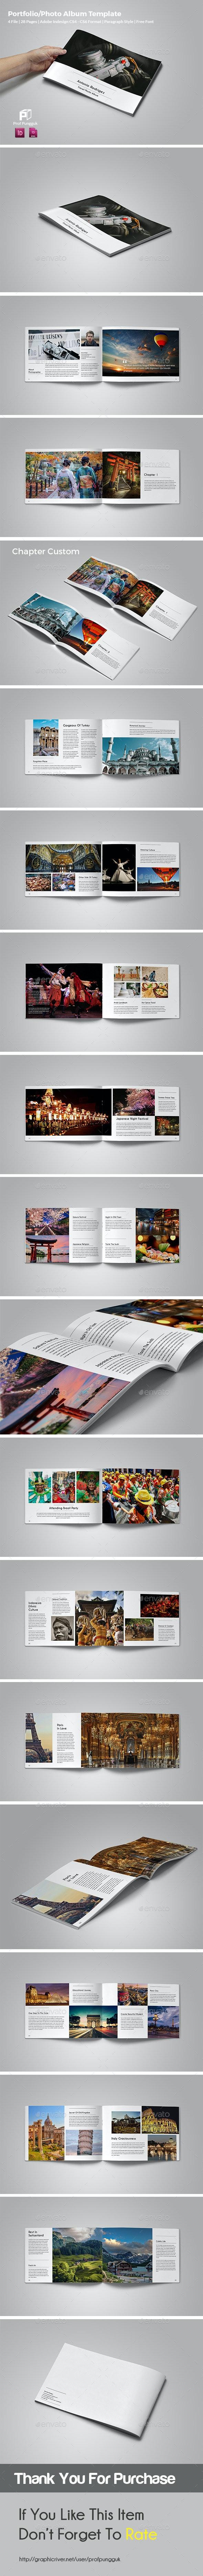 Photography Portfolio/Photo Album (landscape) vol.4 - Photo Albums Print Templates